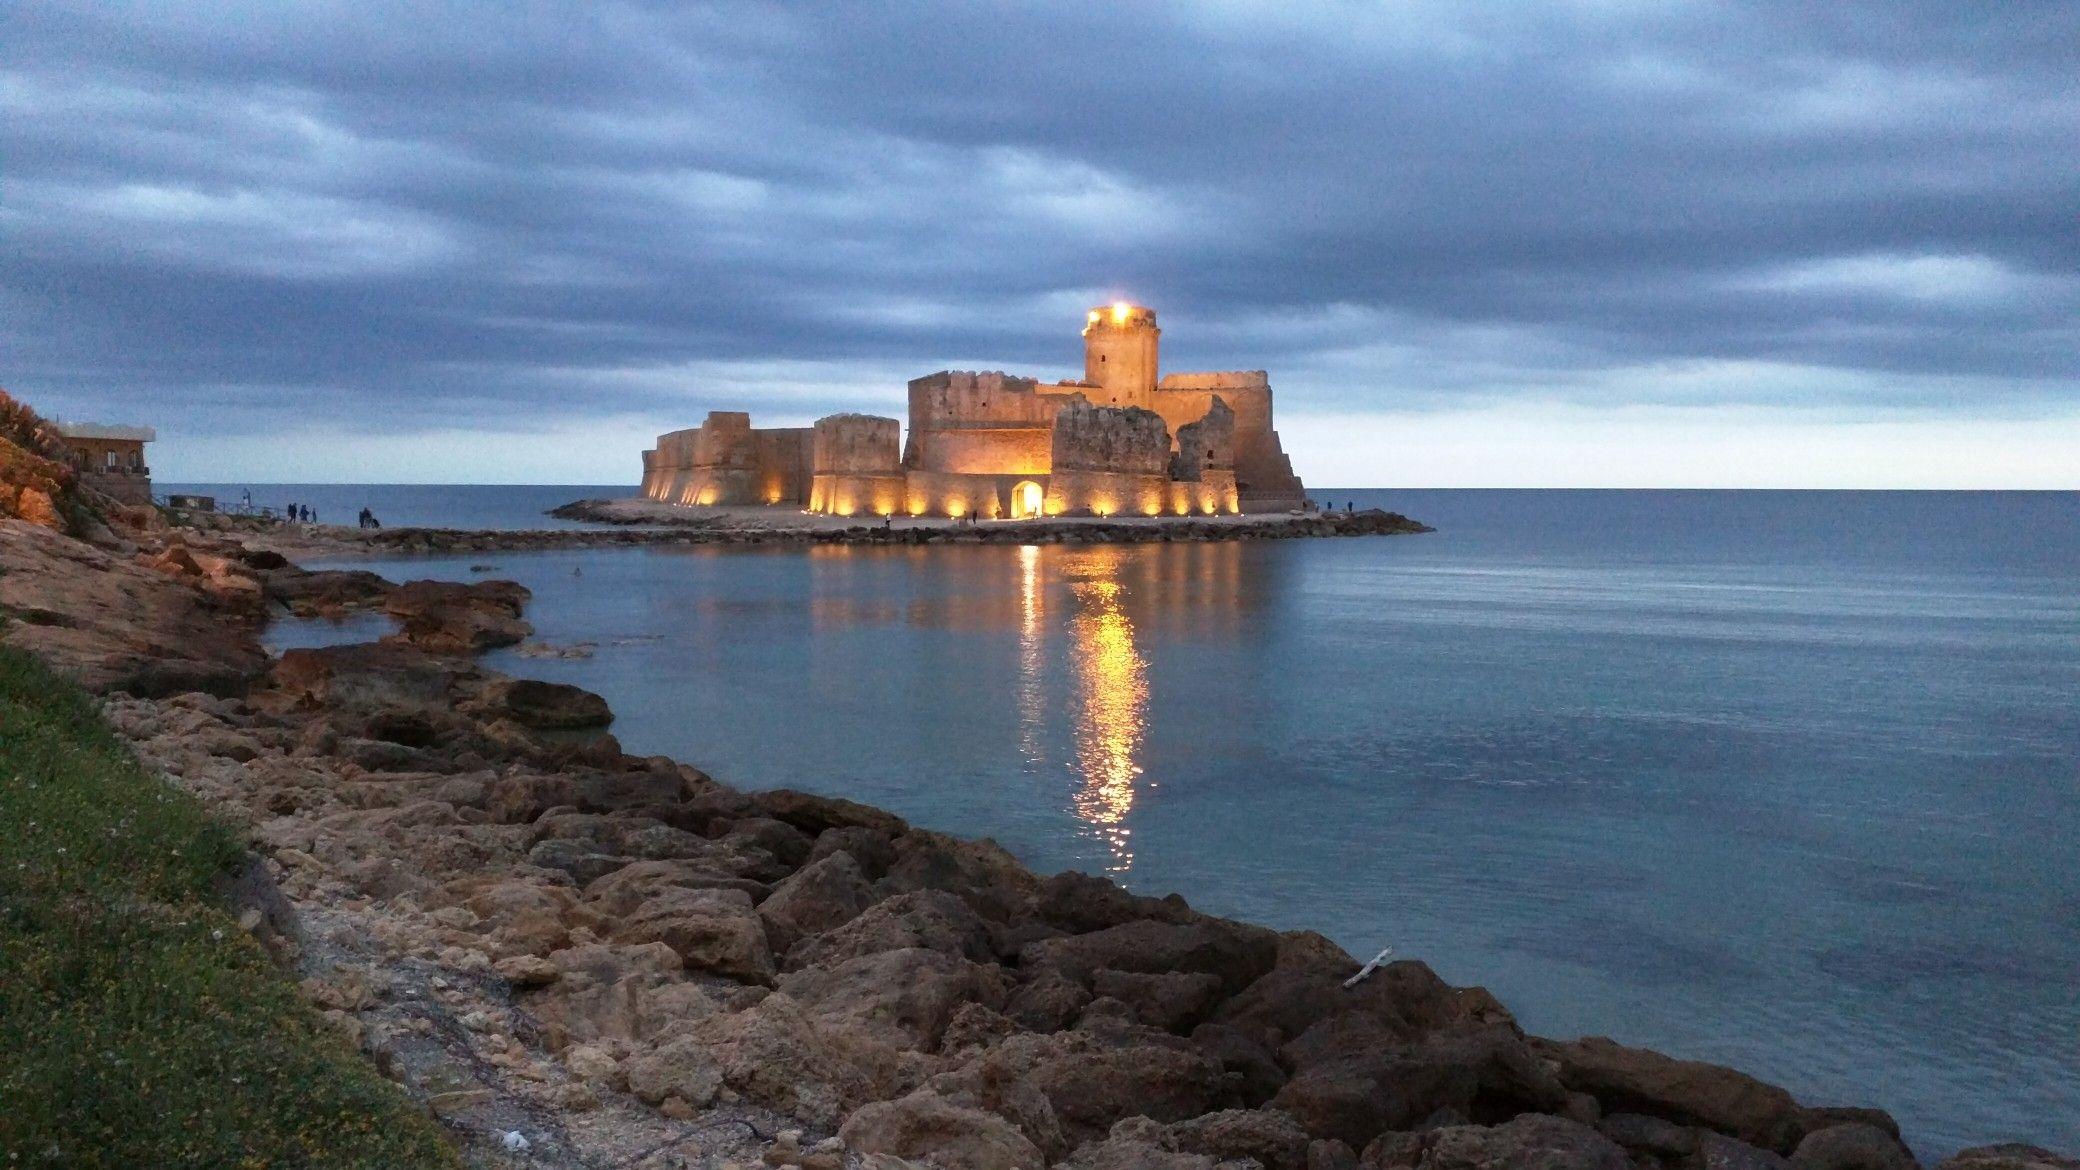 Castello Aragonese Le Castella Castello